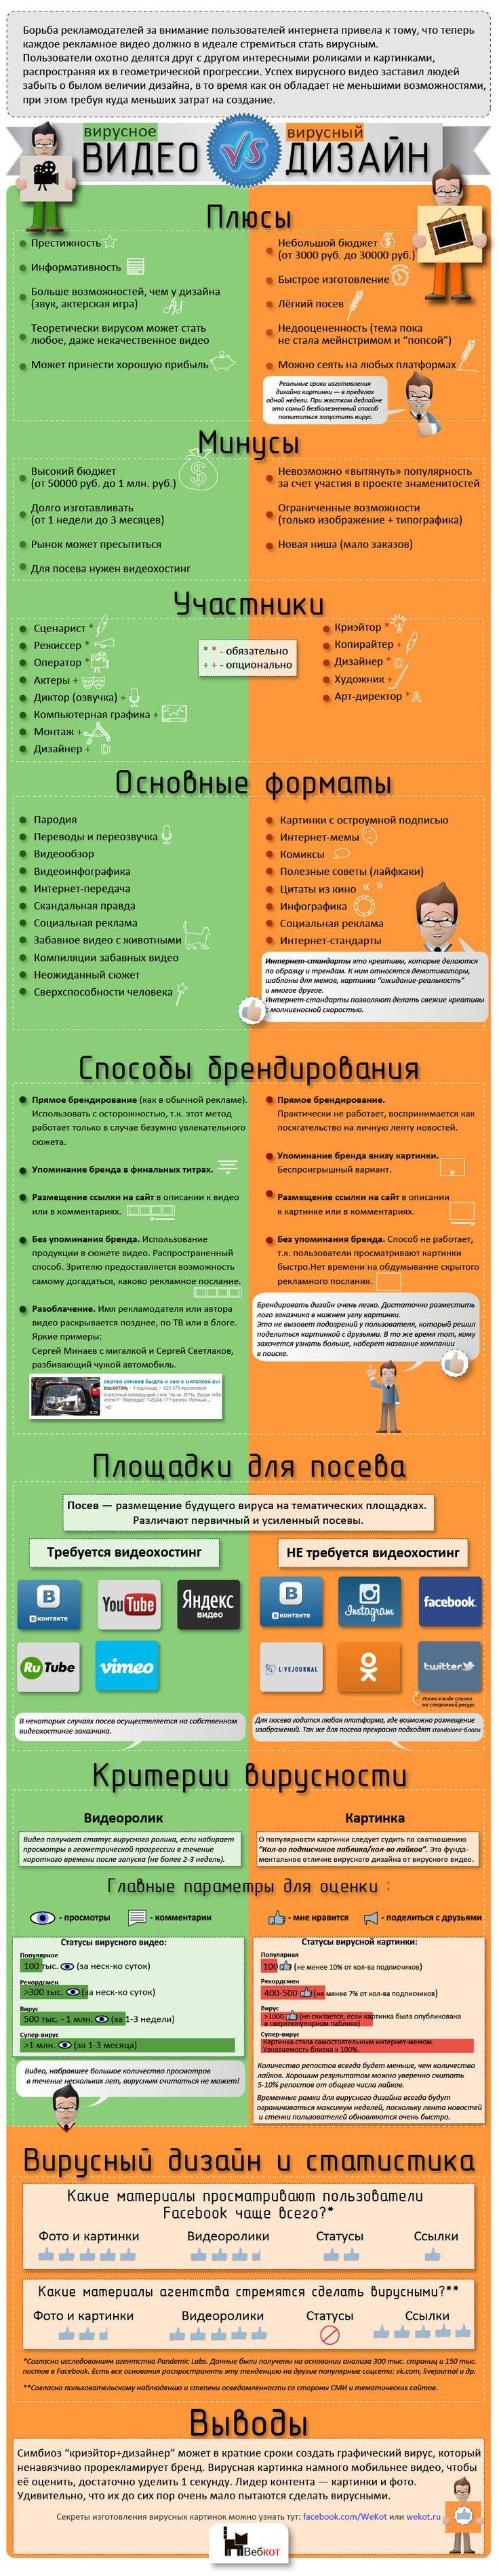 vs-chistovik-dlya-veb.jpg (903×4660)